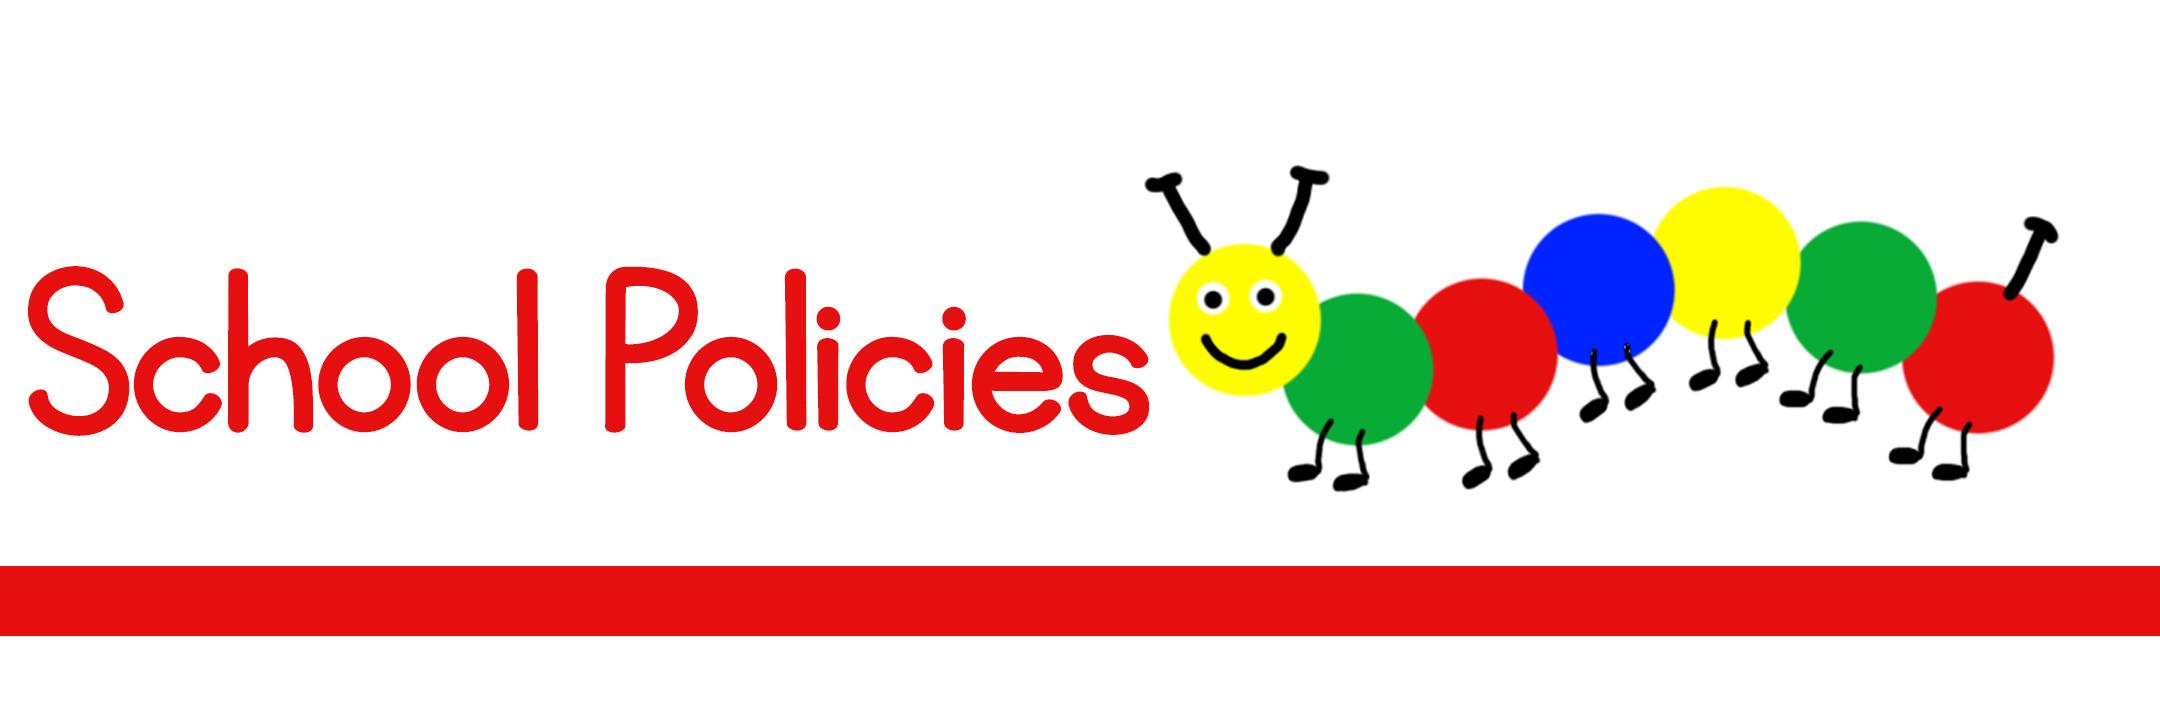 school-policies